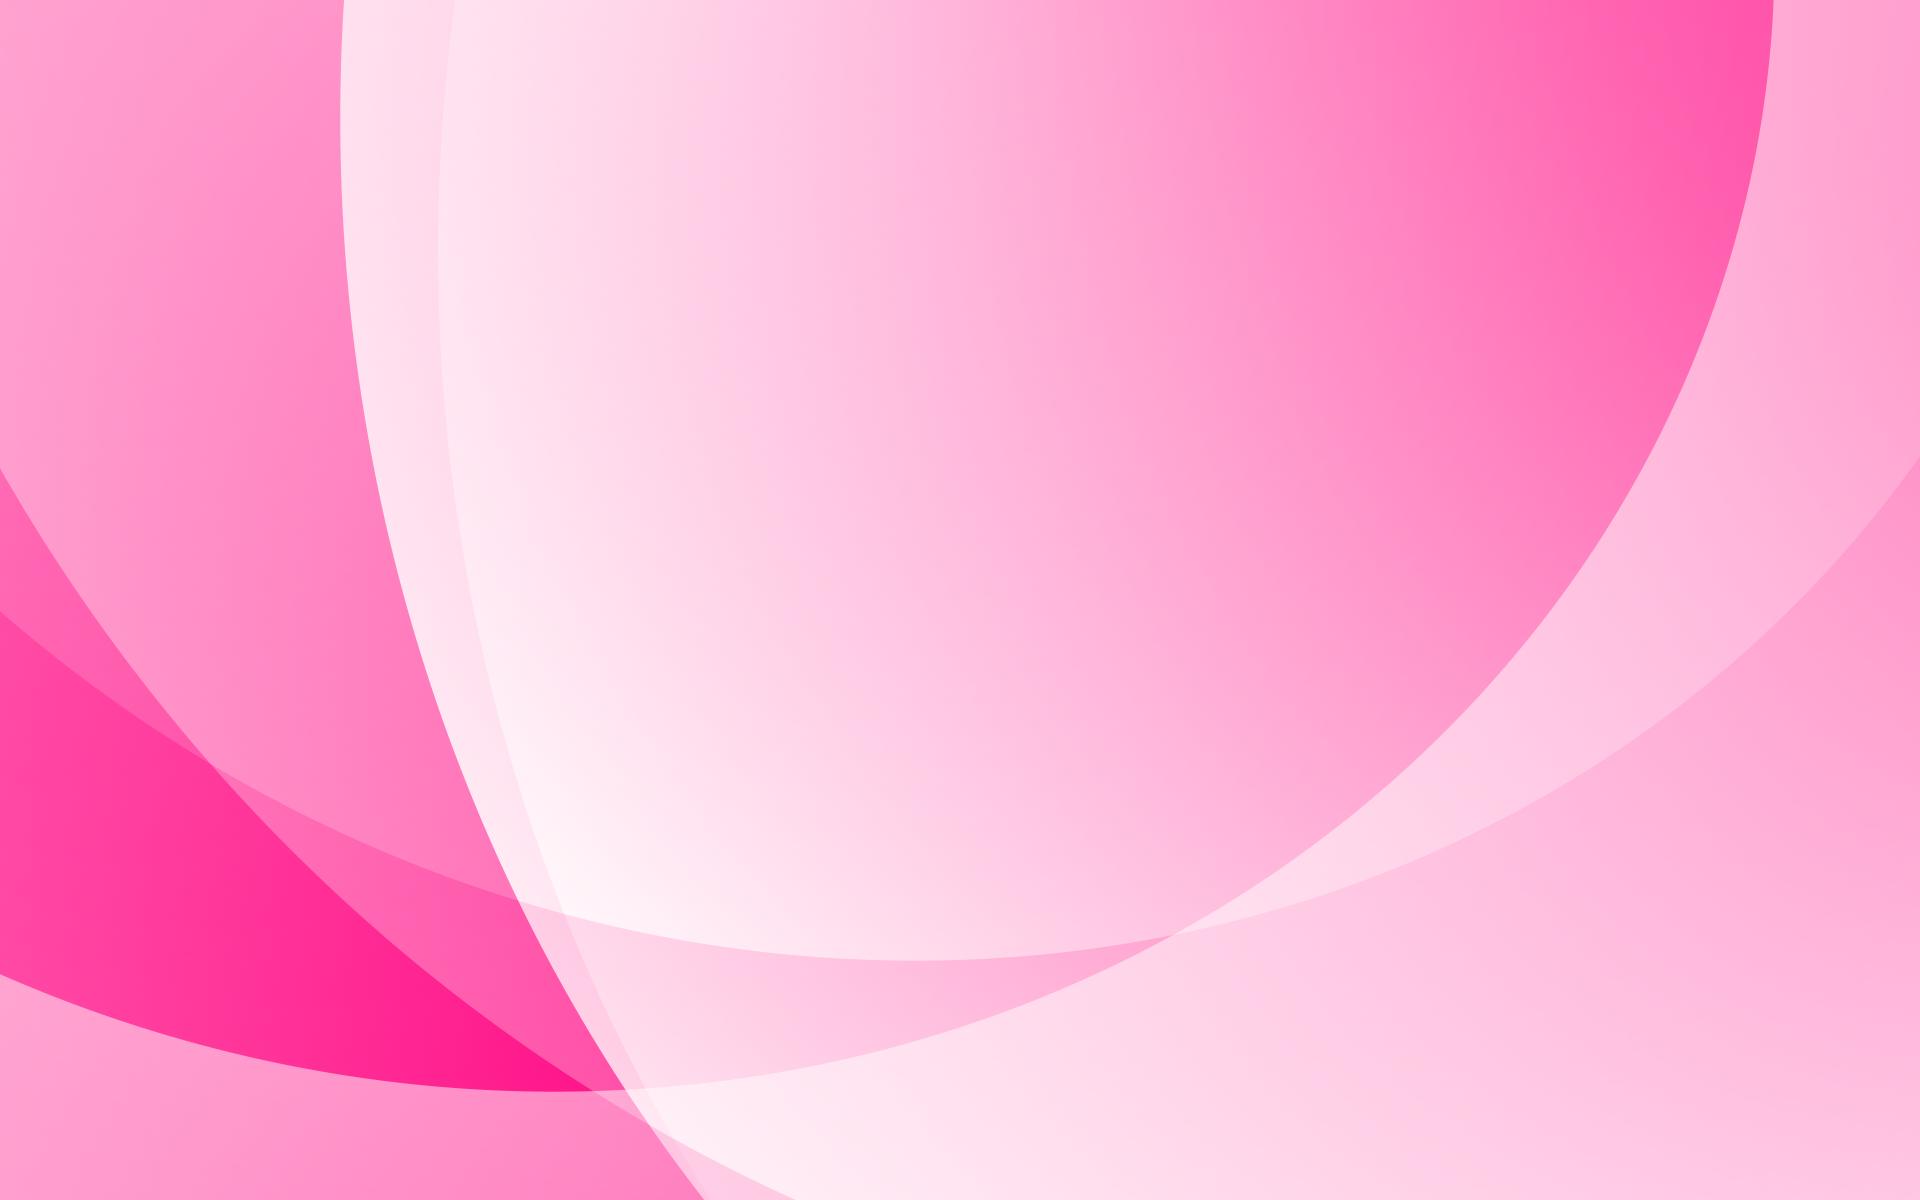 pink abstract wallpaper wallpapersafari